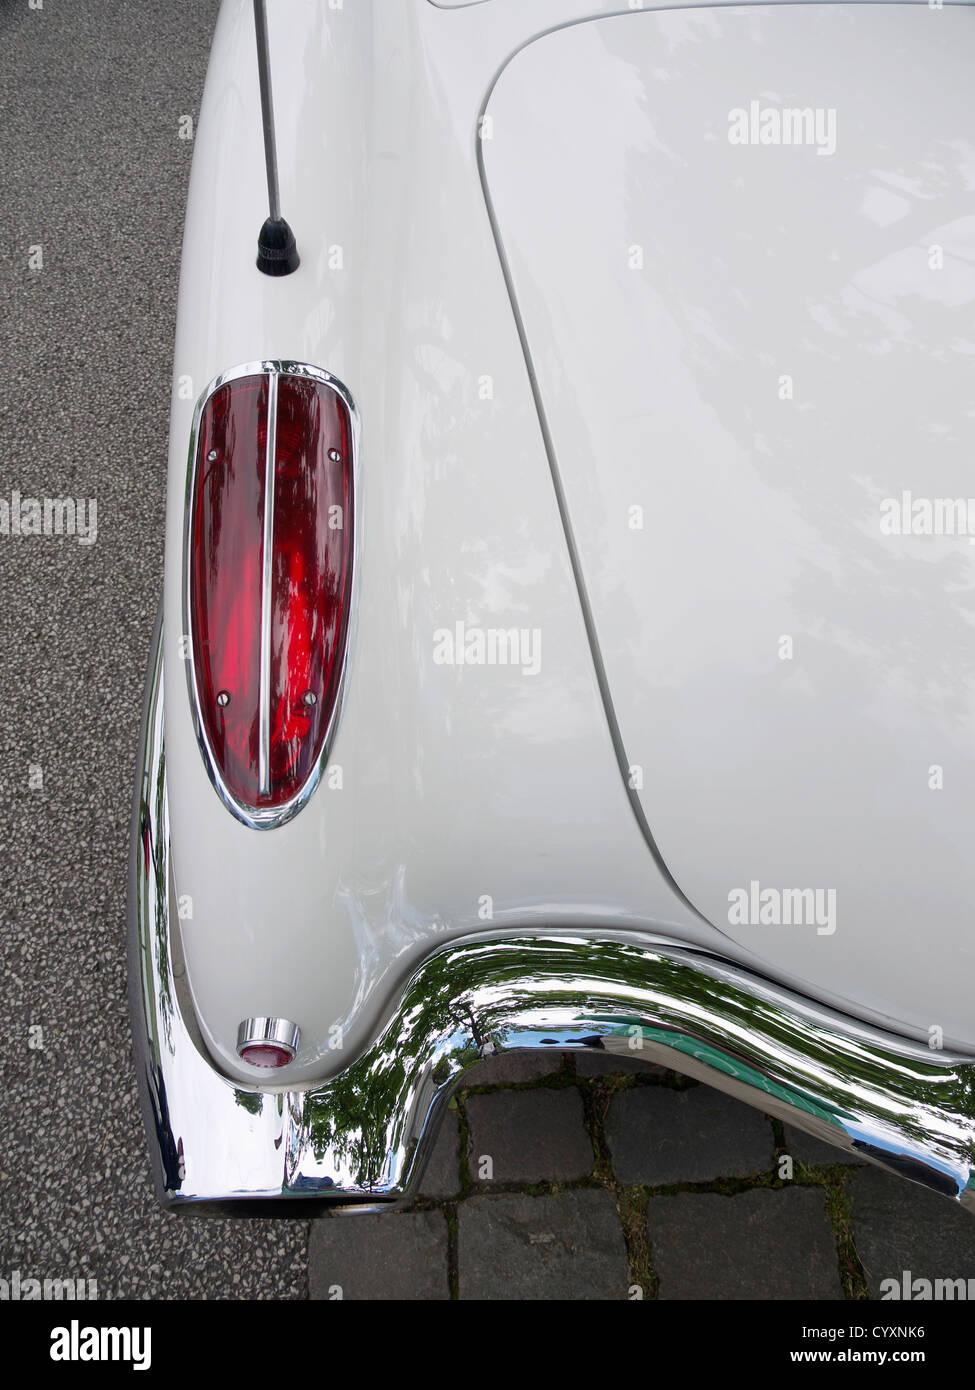 Luce di posizione posteriore del bianco American Chevrolet Corvette veterano auto Foto Stock